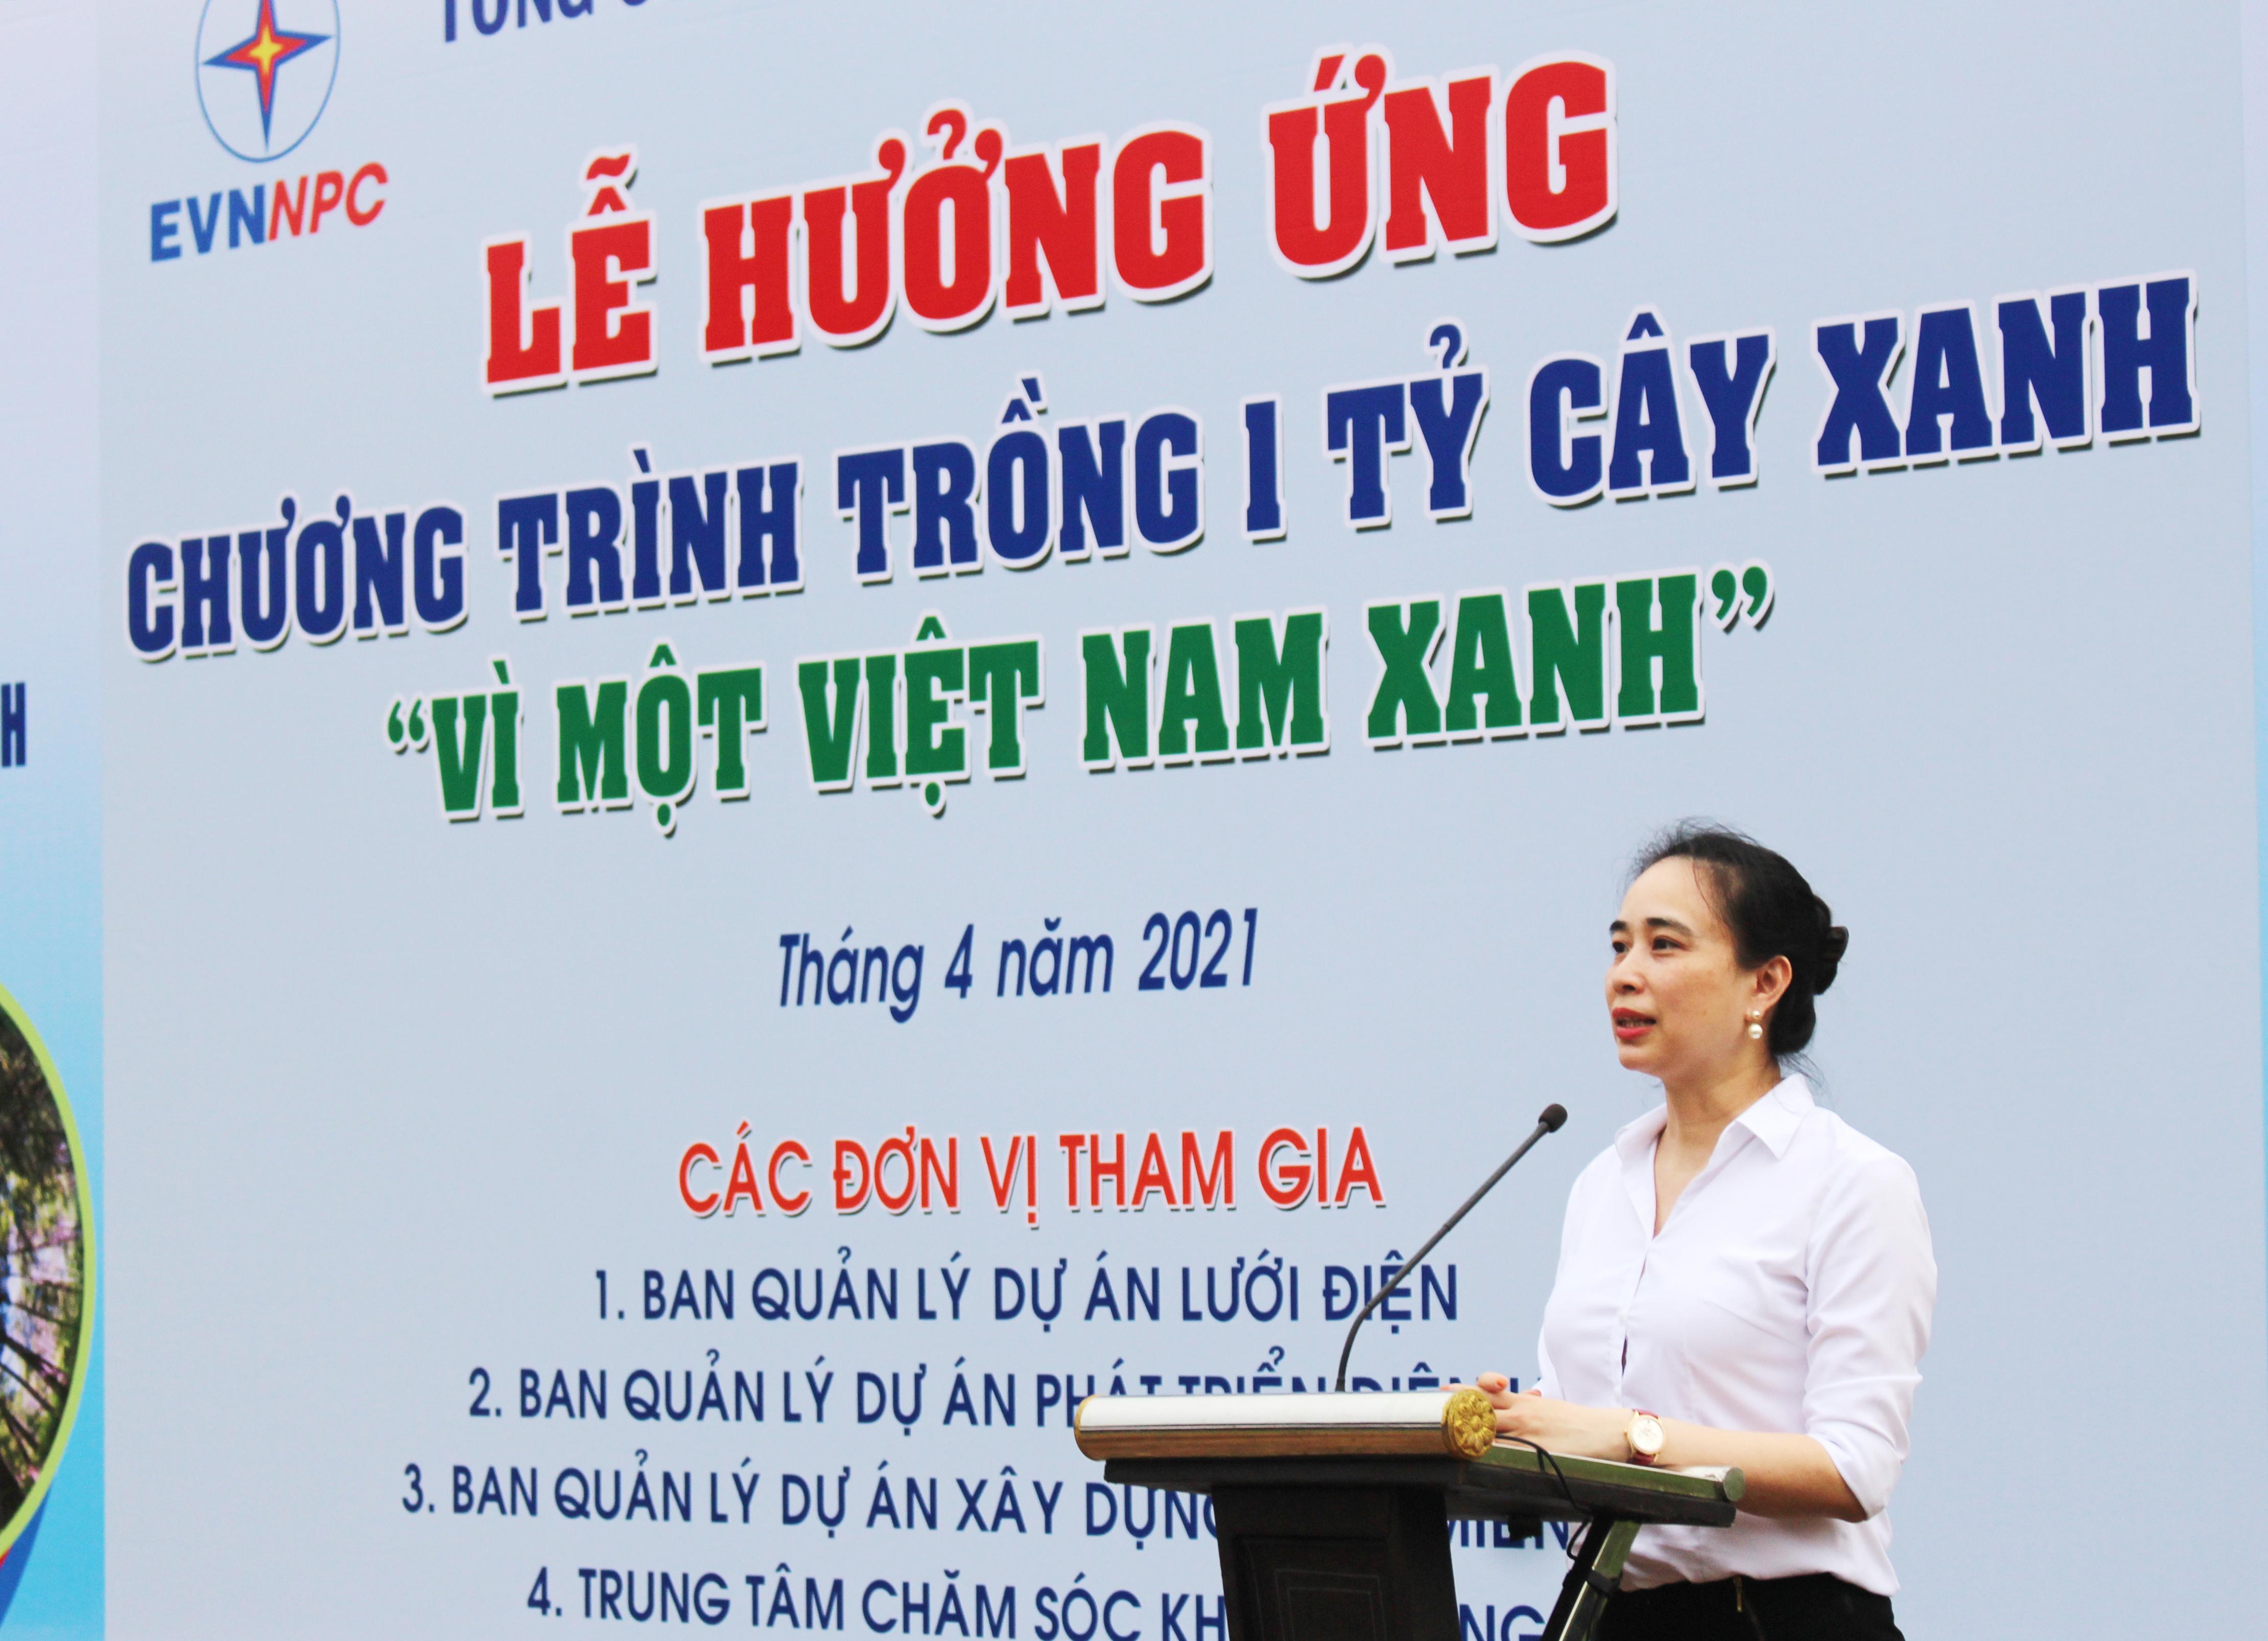 """Bà Đỗ Nguyệt Ánh – Thành viên Hội đồng thành viên, Tổng Giám đốc EVNNPC phát biểu tại Lễ phát động chương trình """"Trồng một tỷ cây xanh - Vì một Việt Nam xanh"""""""